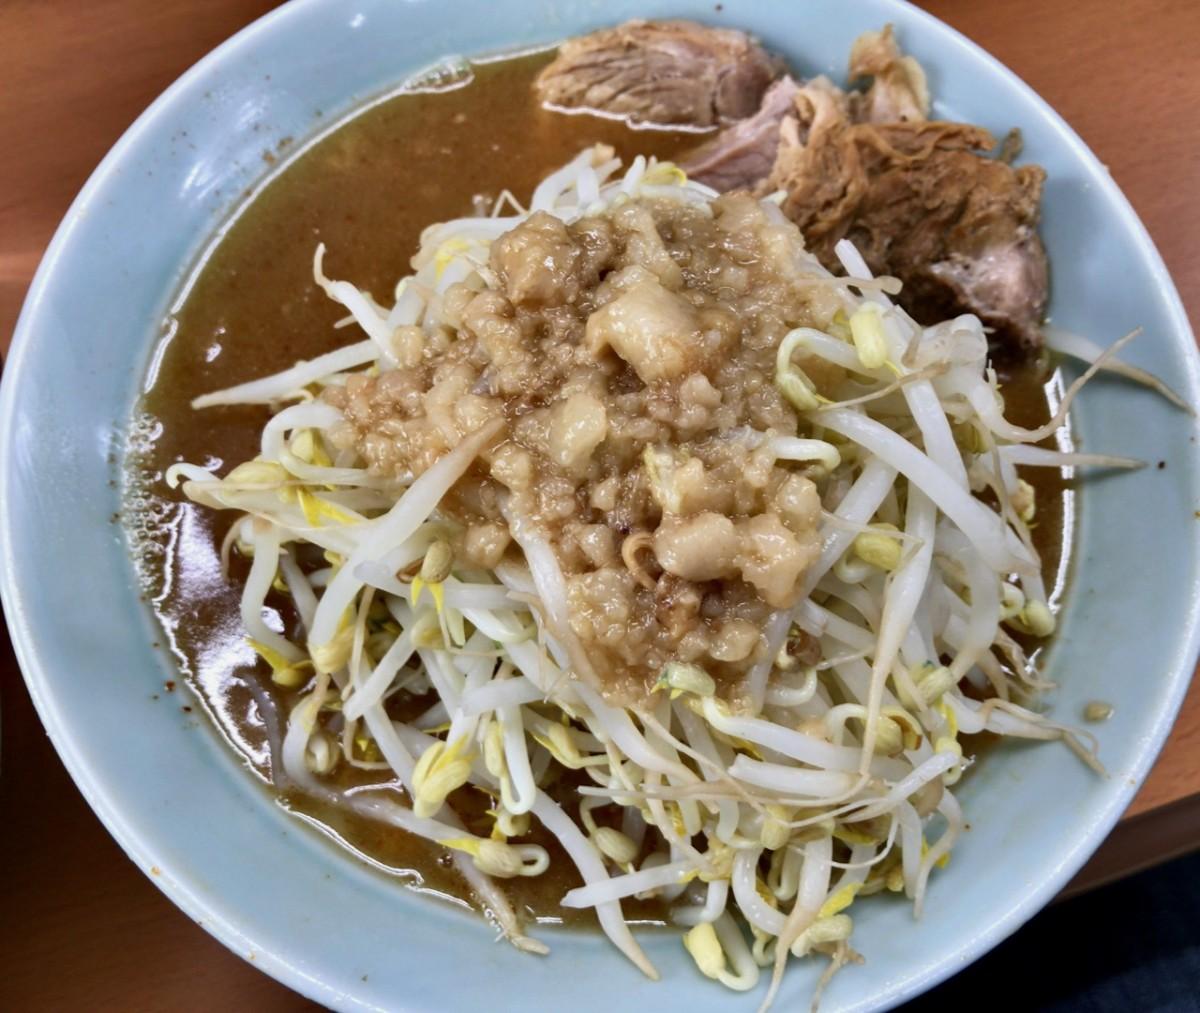 二郎インスパイア 立川マシマシ5号店でつけ麺に初挑戦